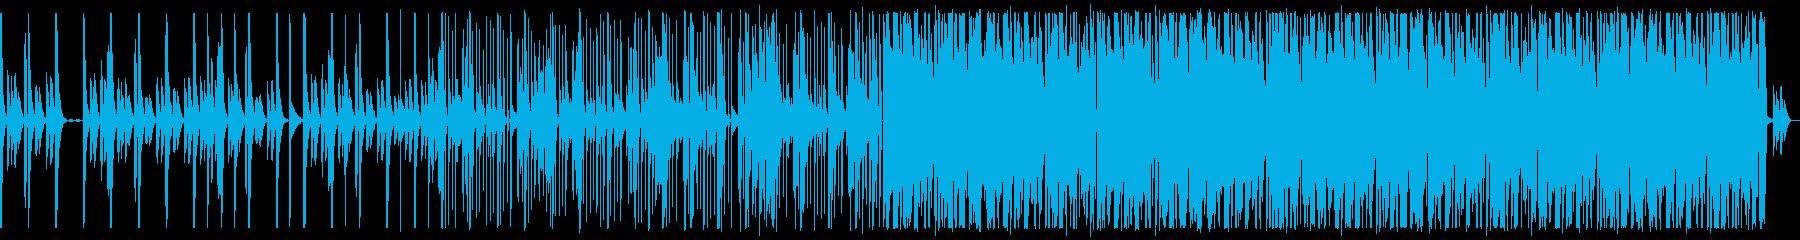 フューチャーベース_No627_3の再生済みの波形